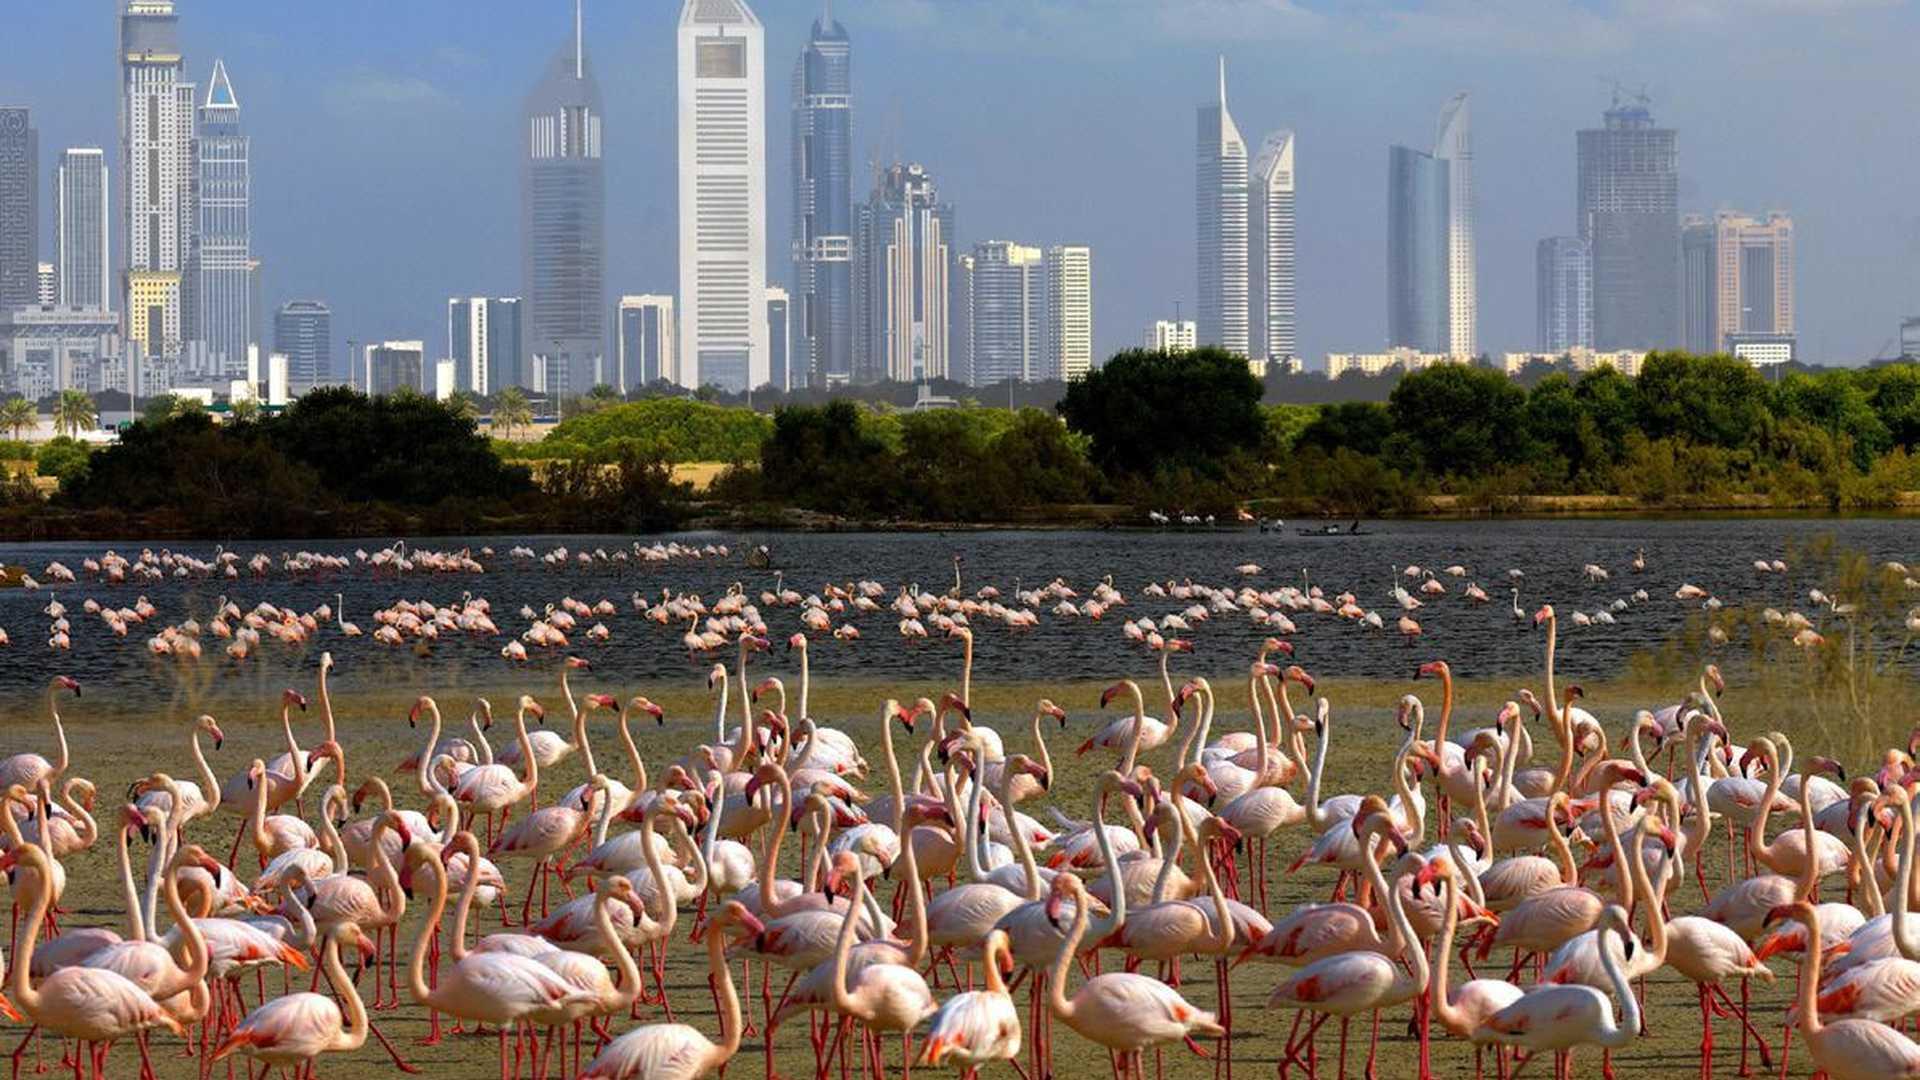 Аренда авто в Дубае. Цены и рекомендации по прокату в ОАЭ.